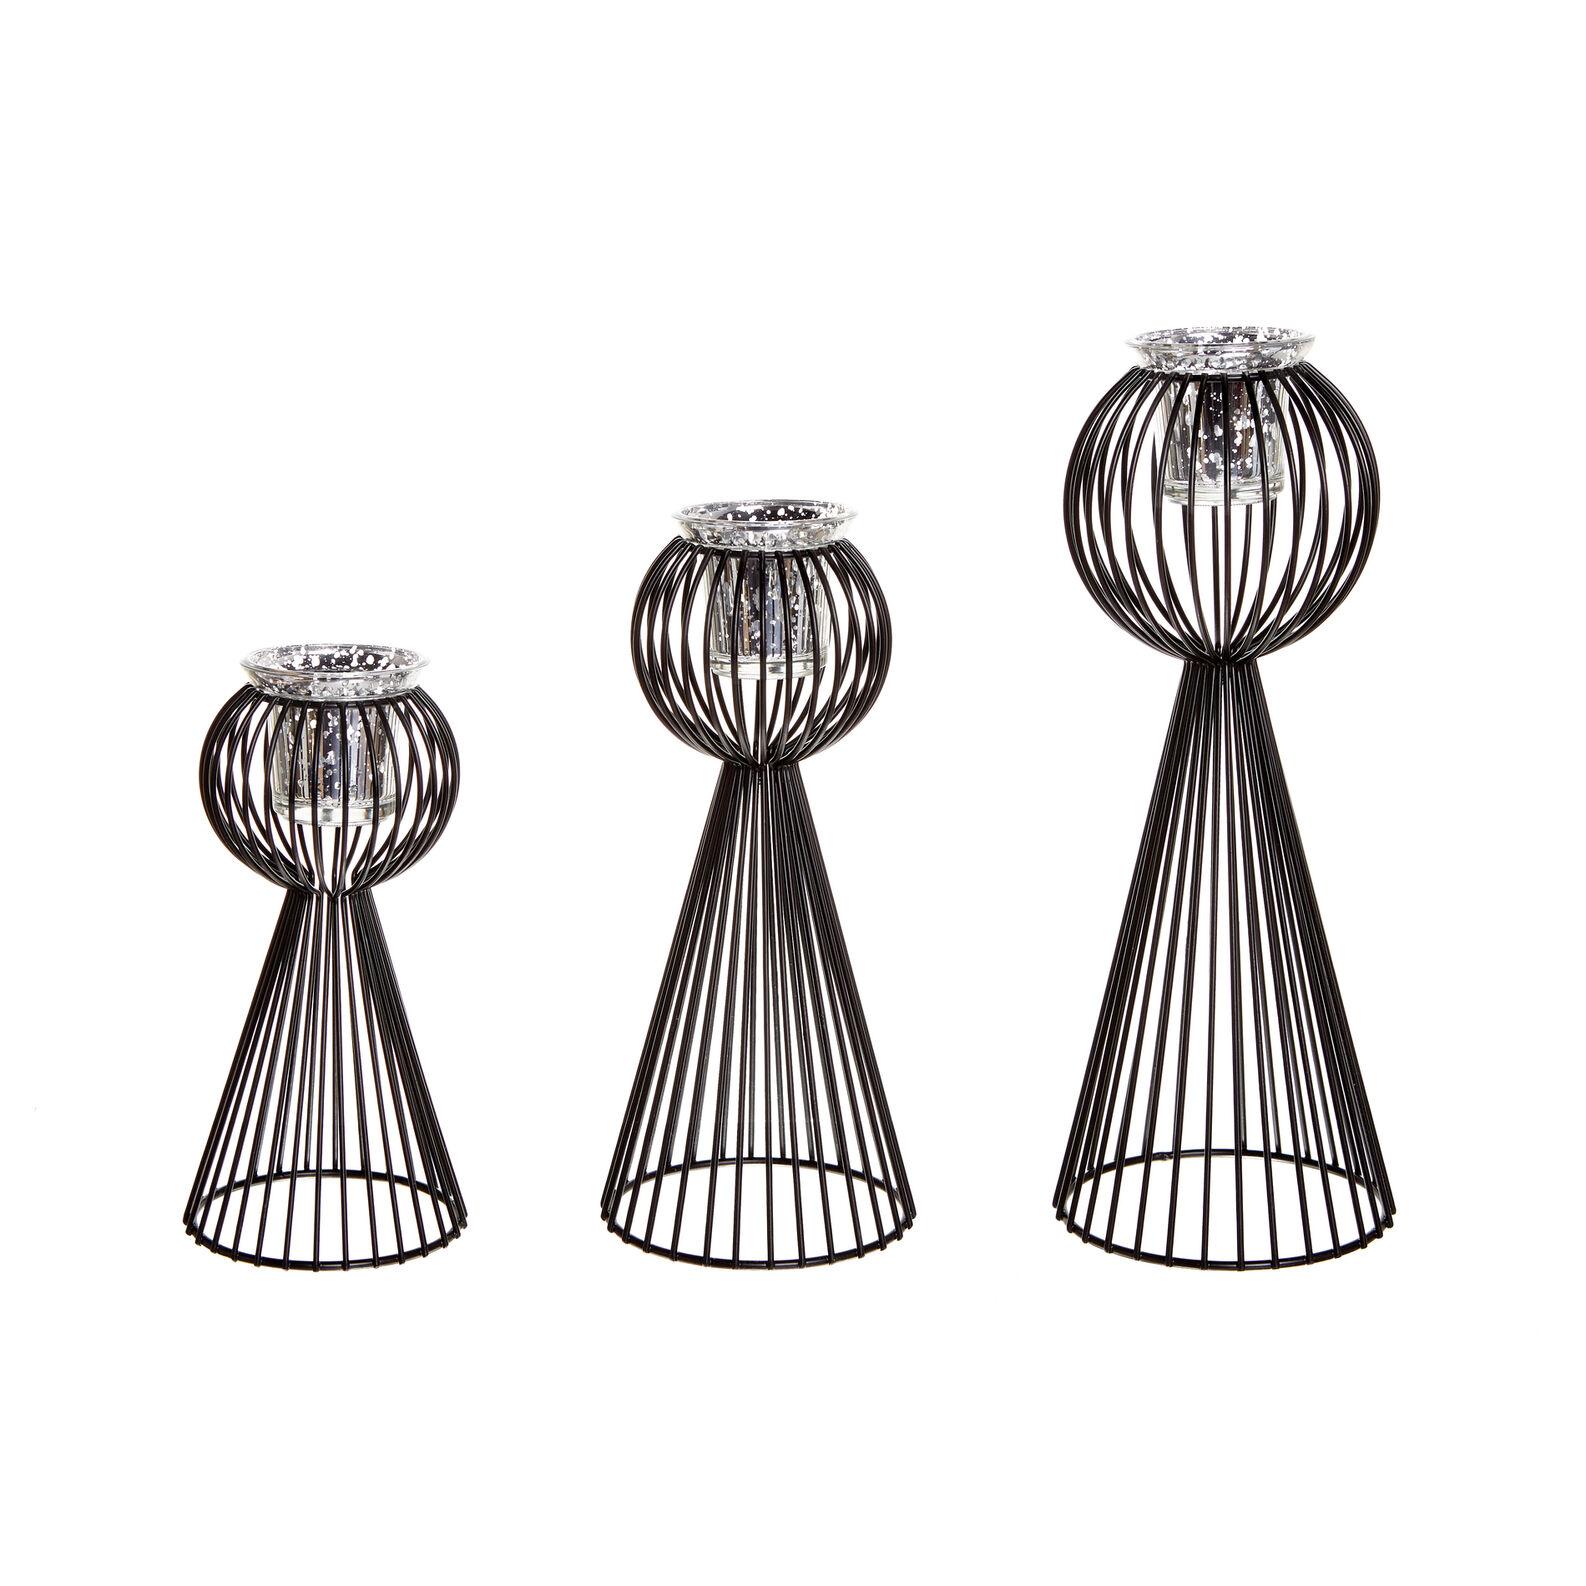 Candeliere in filo di ferro